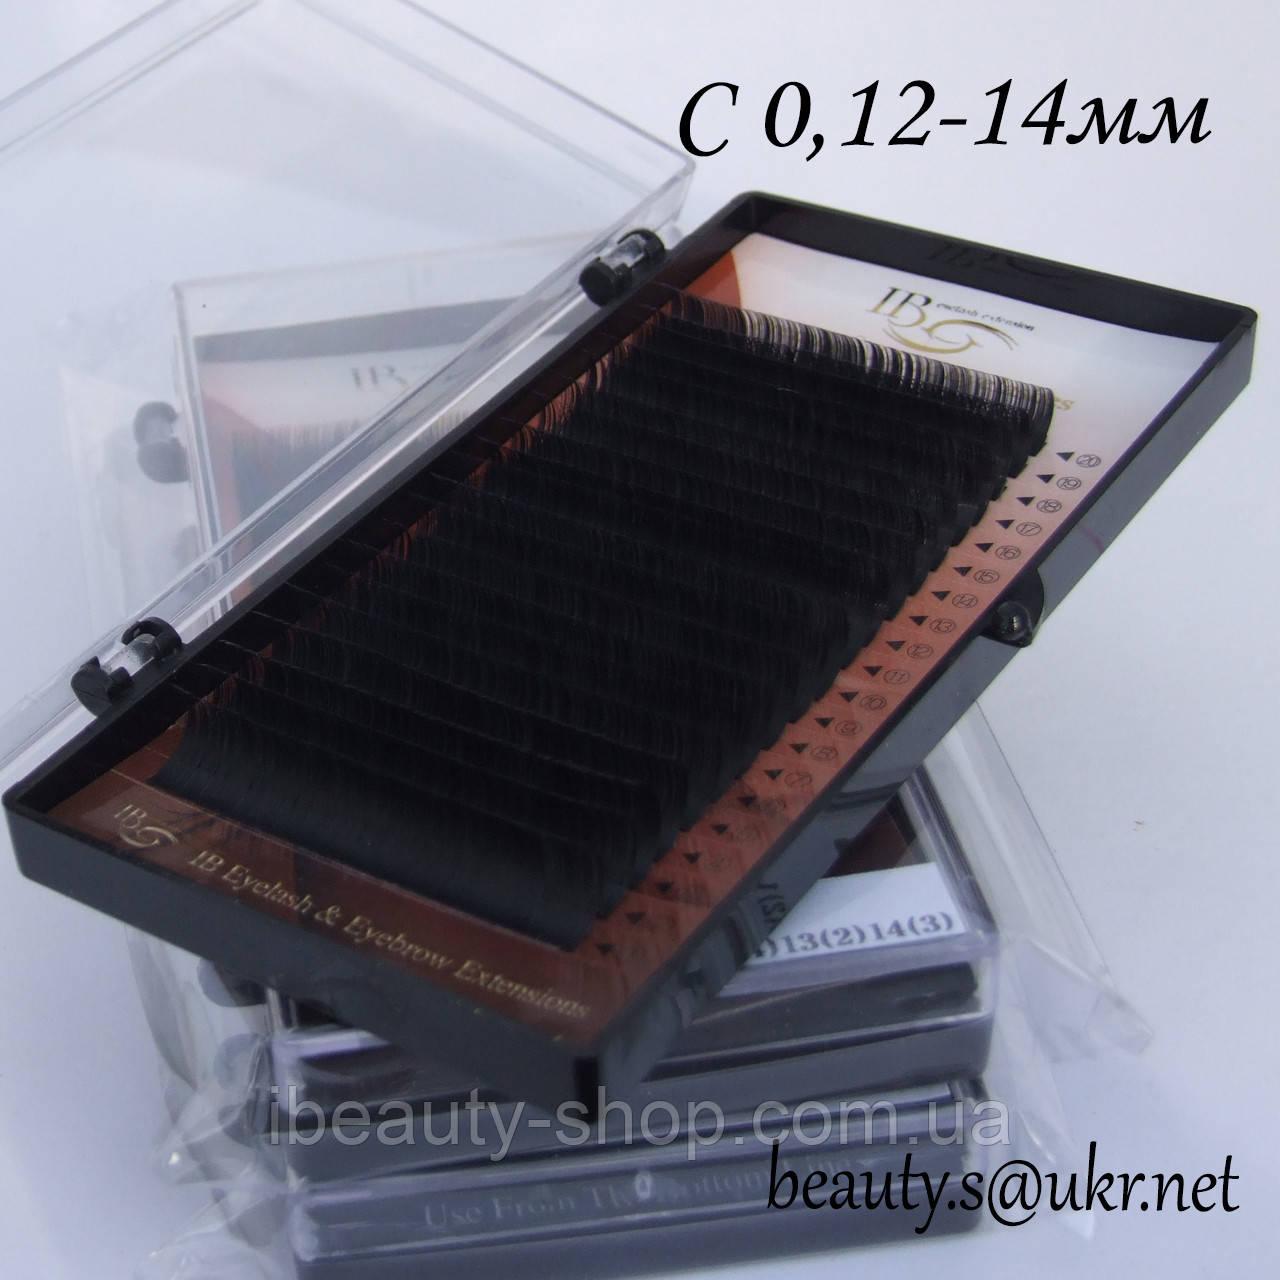 Ресницы  I-Beauty на ленте С-0,12 14мм